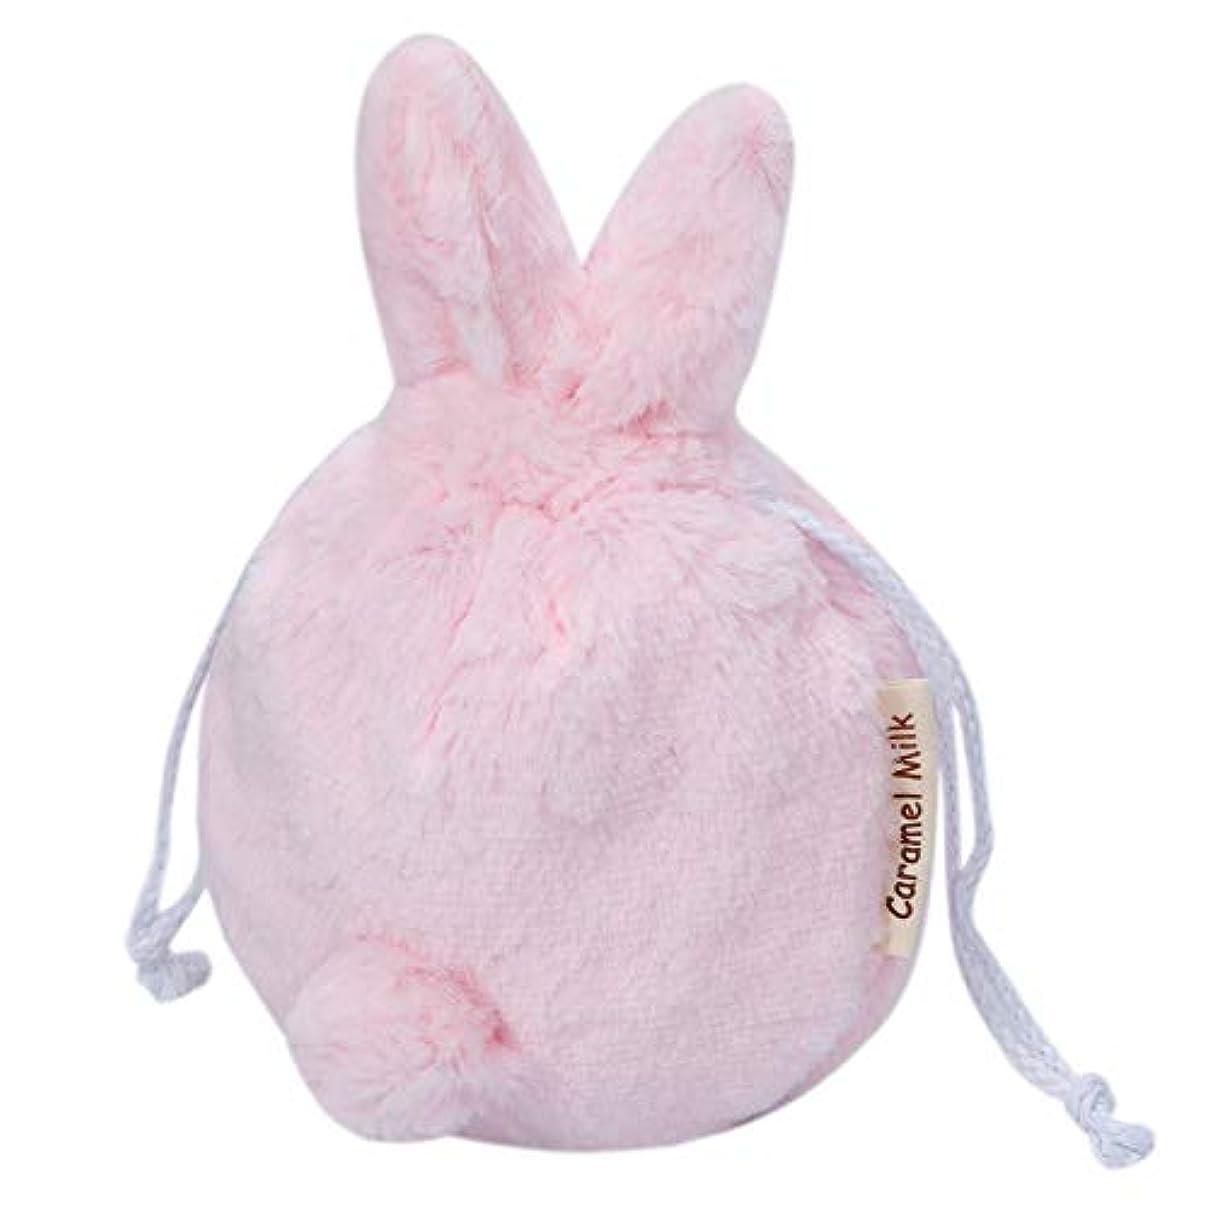 羊のヒギンズ危険なCARAMEL MILK コスメポーチ 化粧バッグ 化粧ポーチ もふもふ うさぎ ポーチ 巾着袋 化粧品 旅行